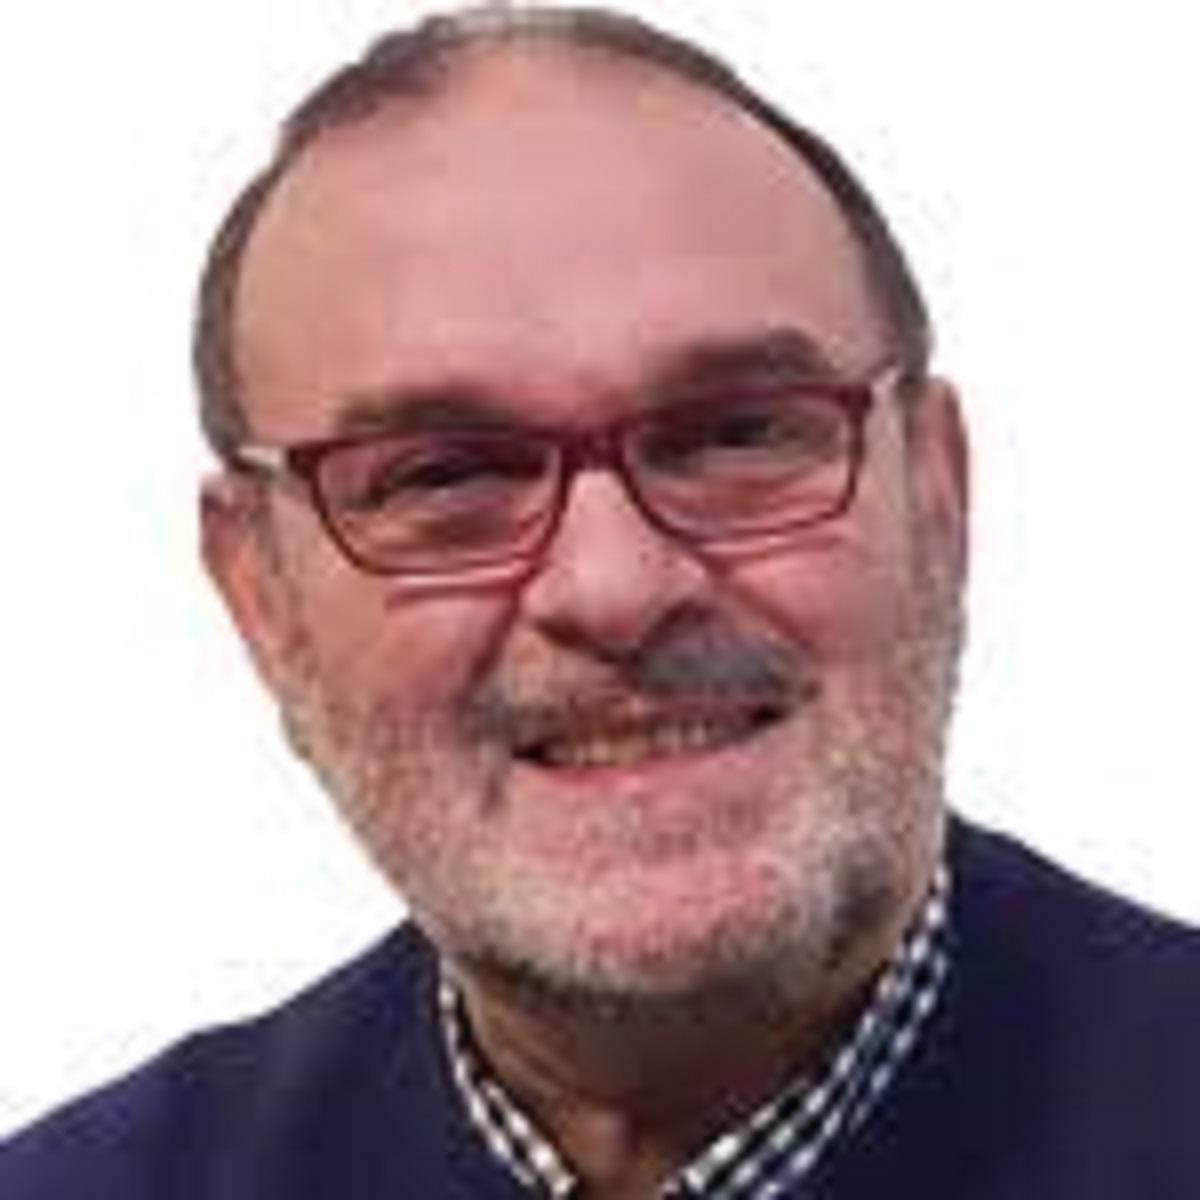 Luis Algorri